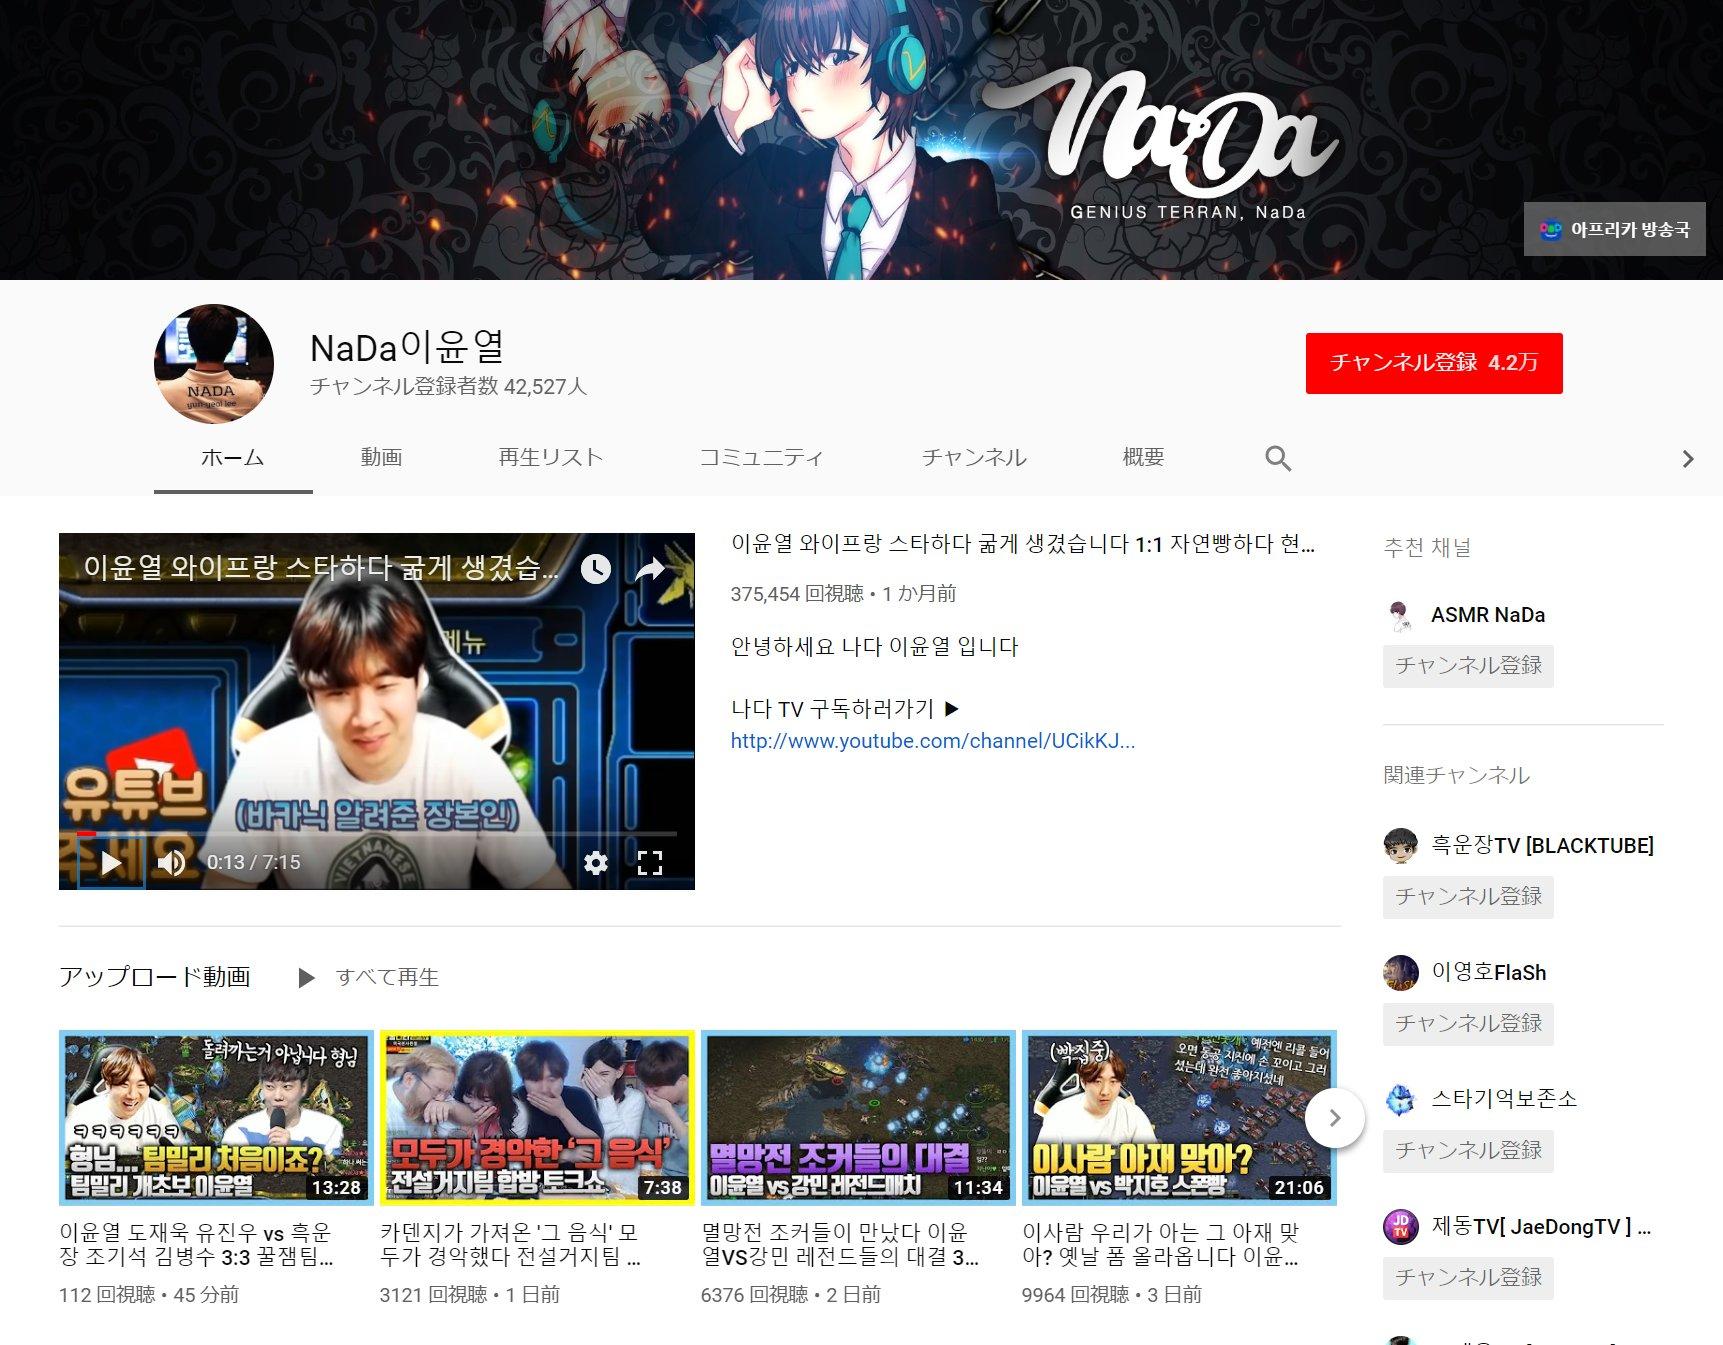 イ・ユンヨル氏のYoutubeチャンネル